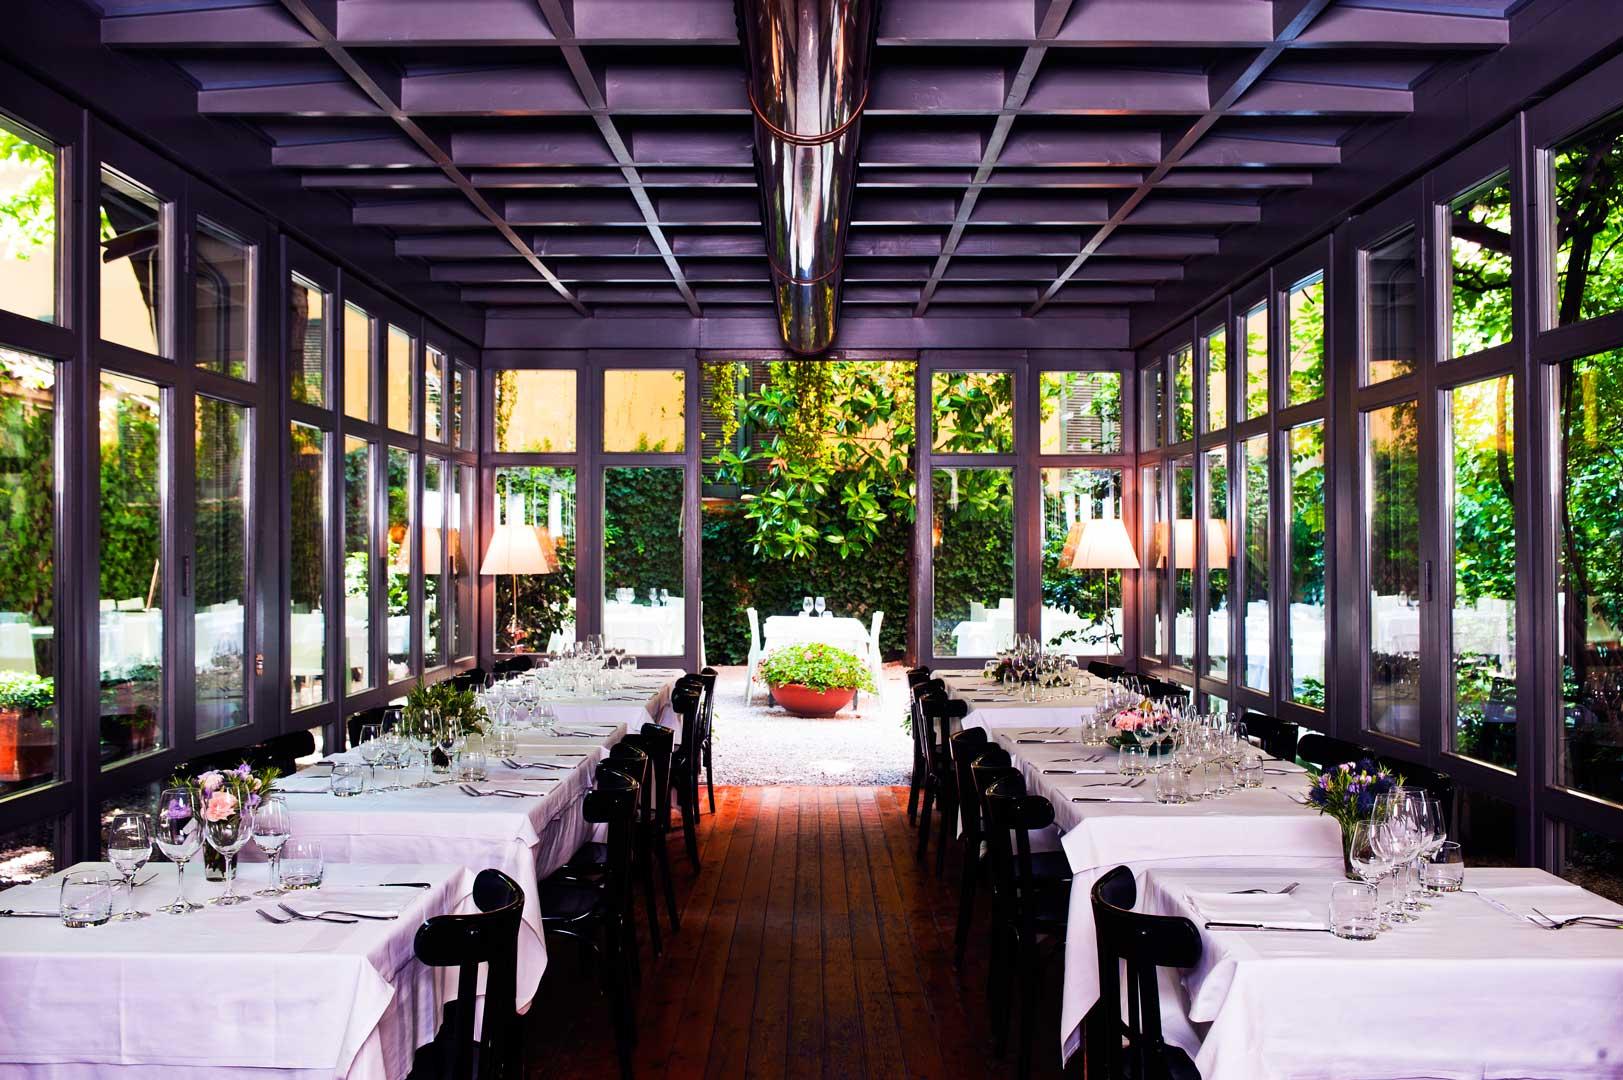 Ristorante la brisa flawless milano the lifestyle guide - Ristoranti con giardino roma ...